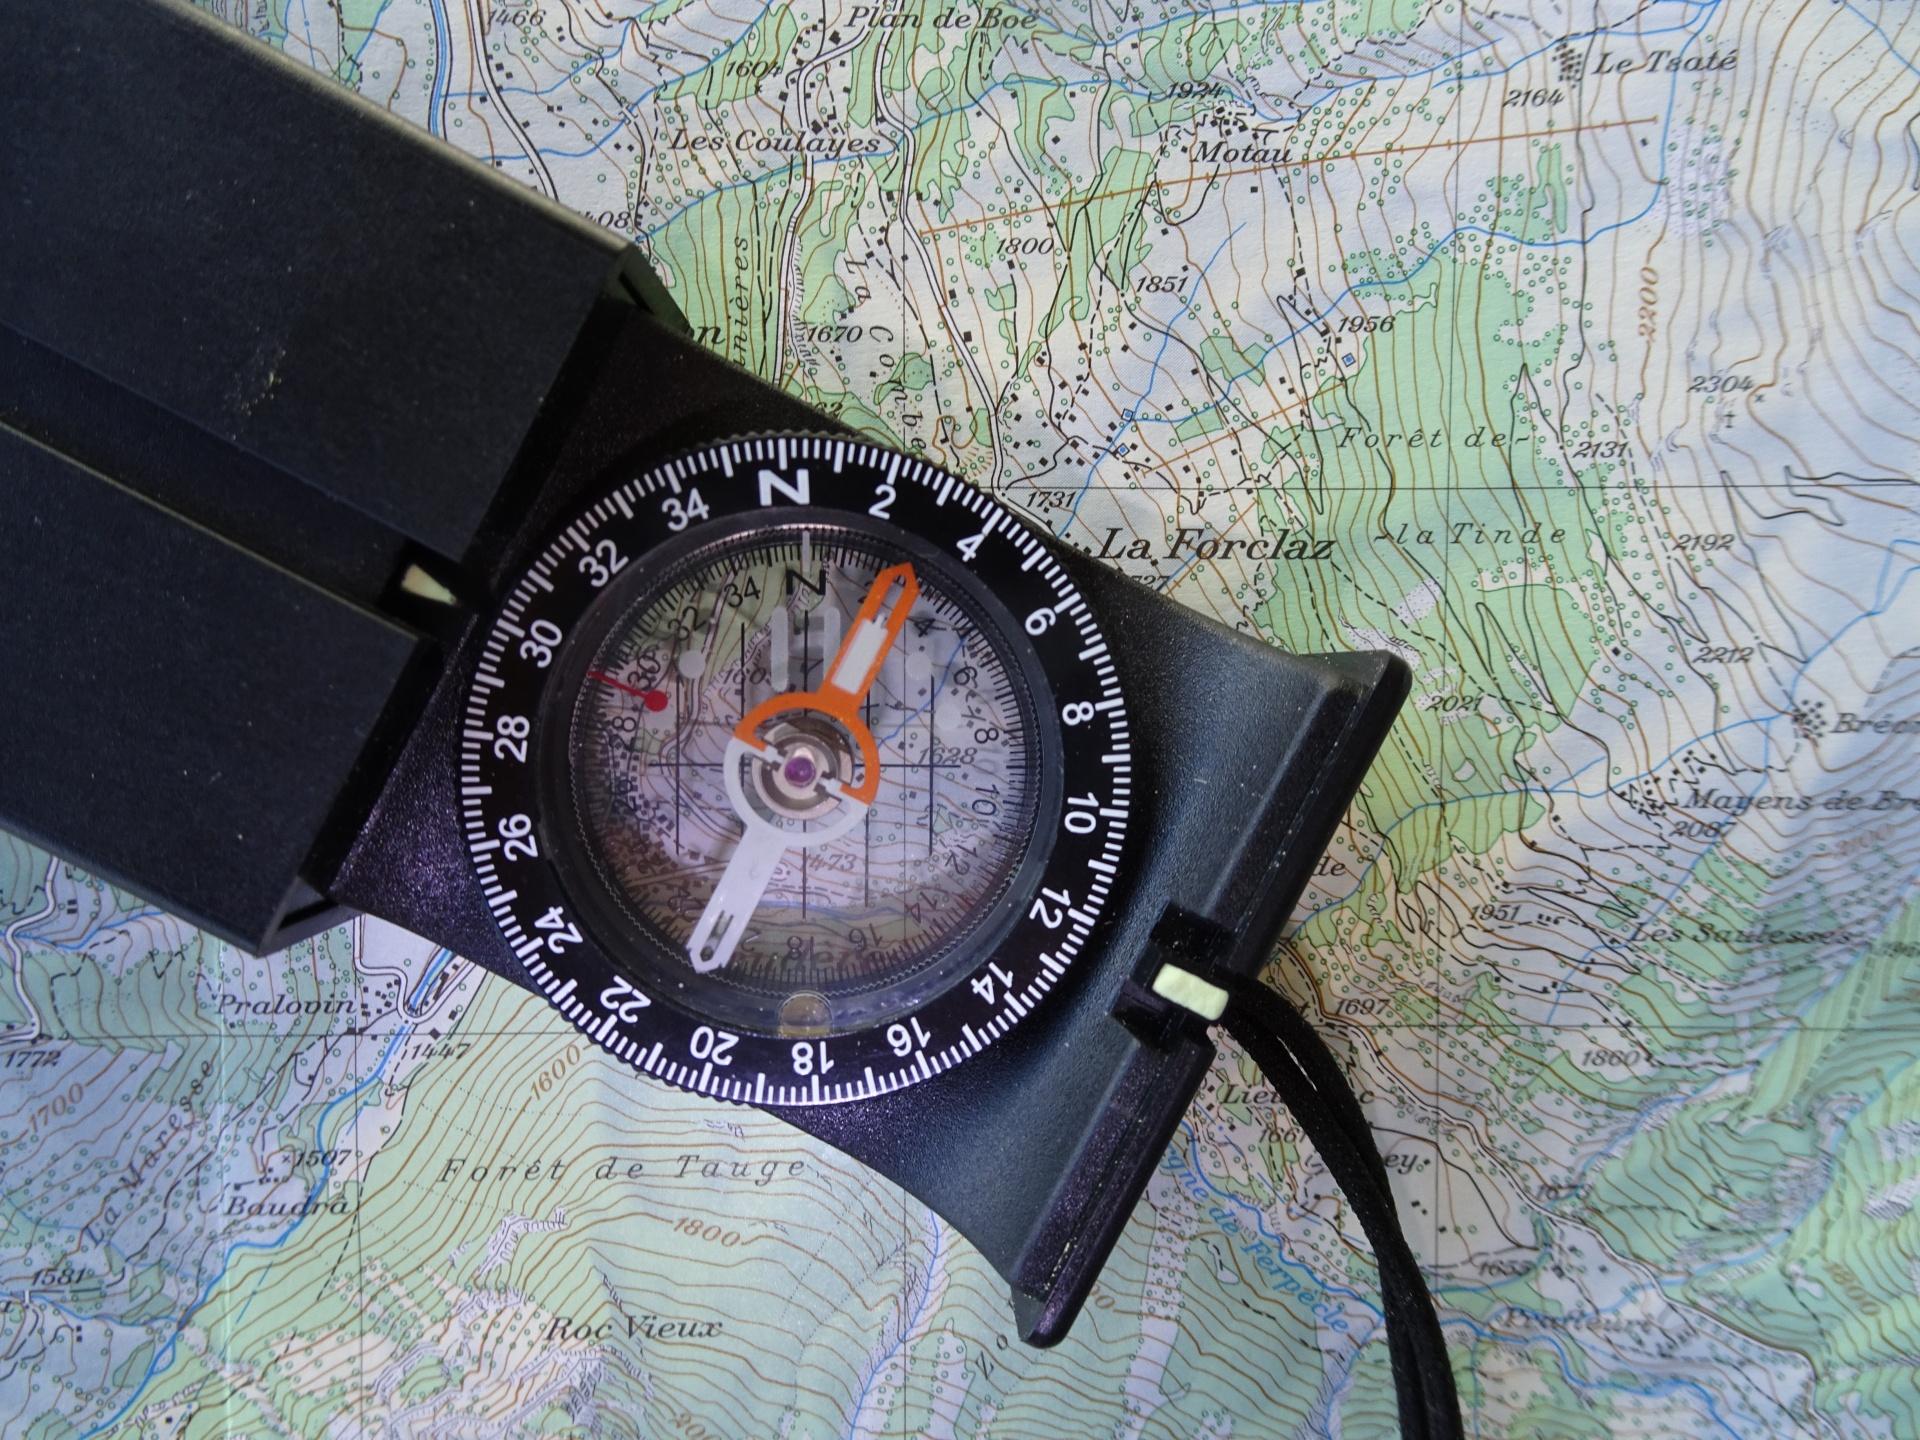 Empfohlene Ausrüstung für Bergwanderungen